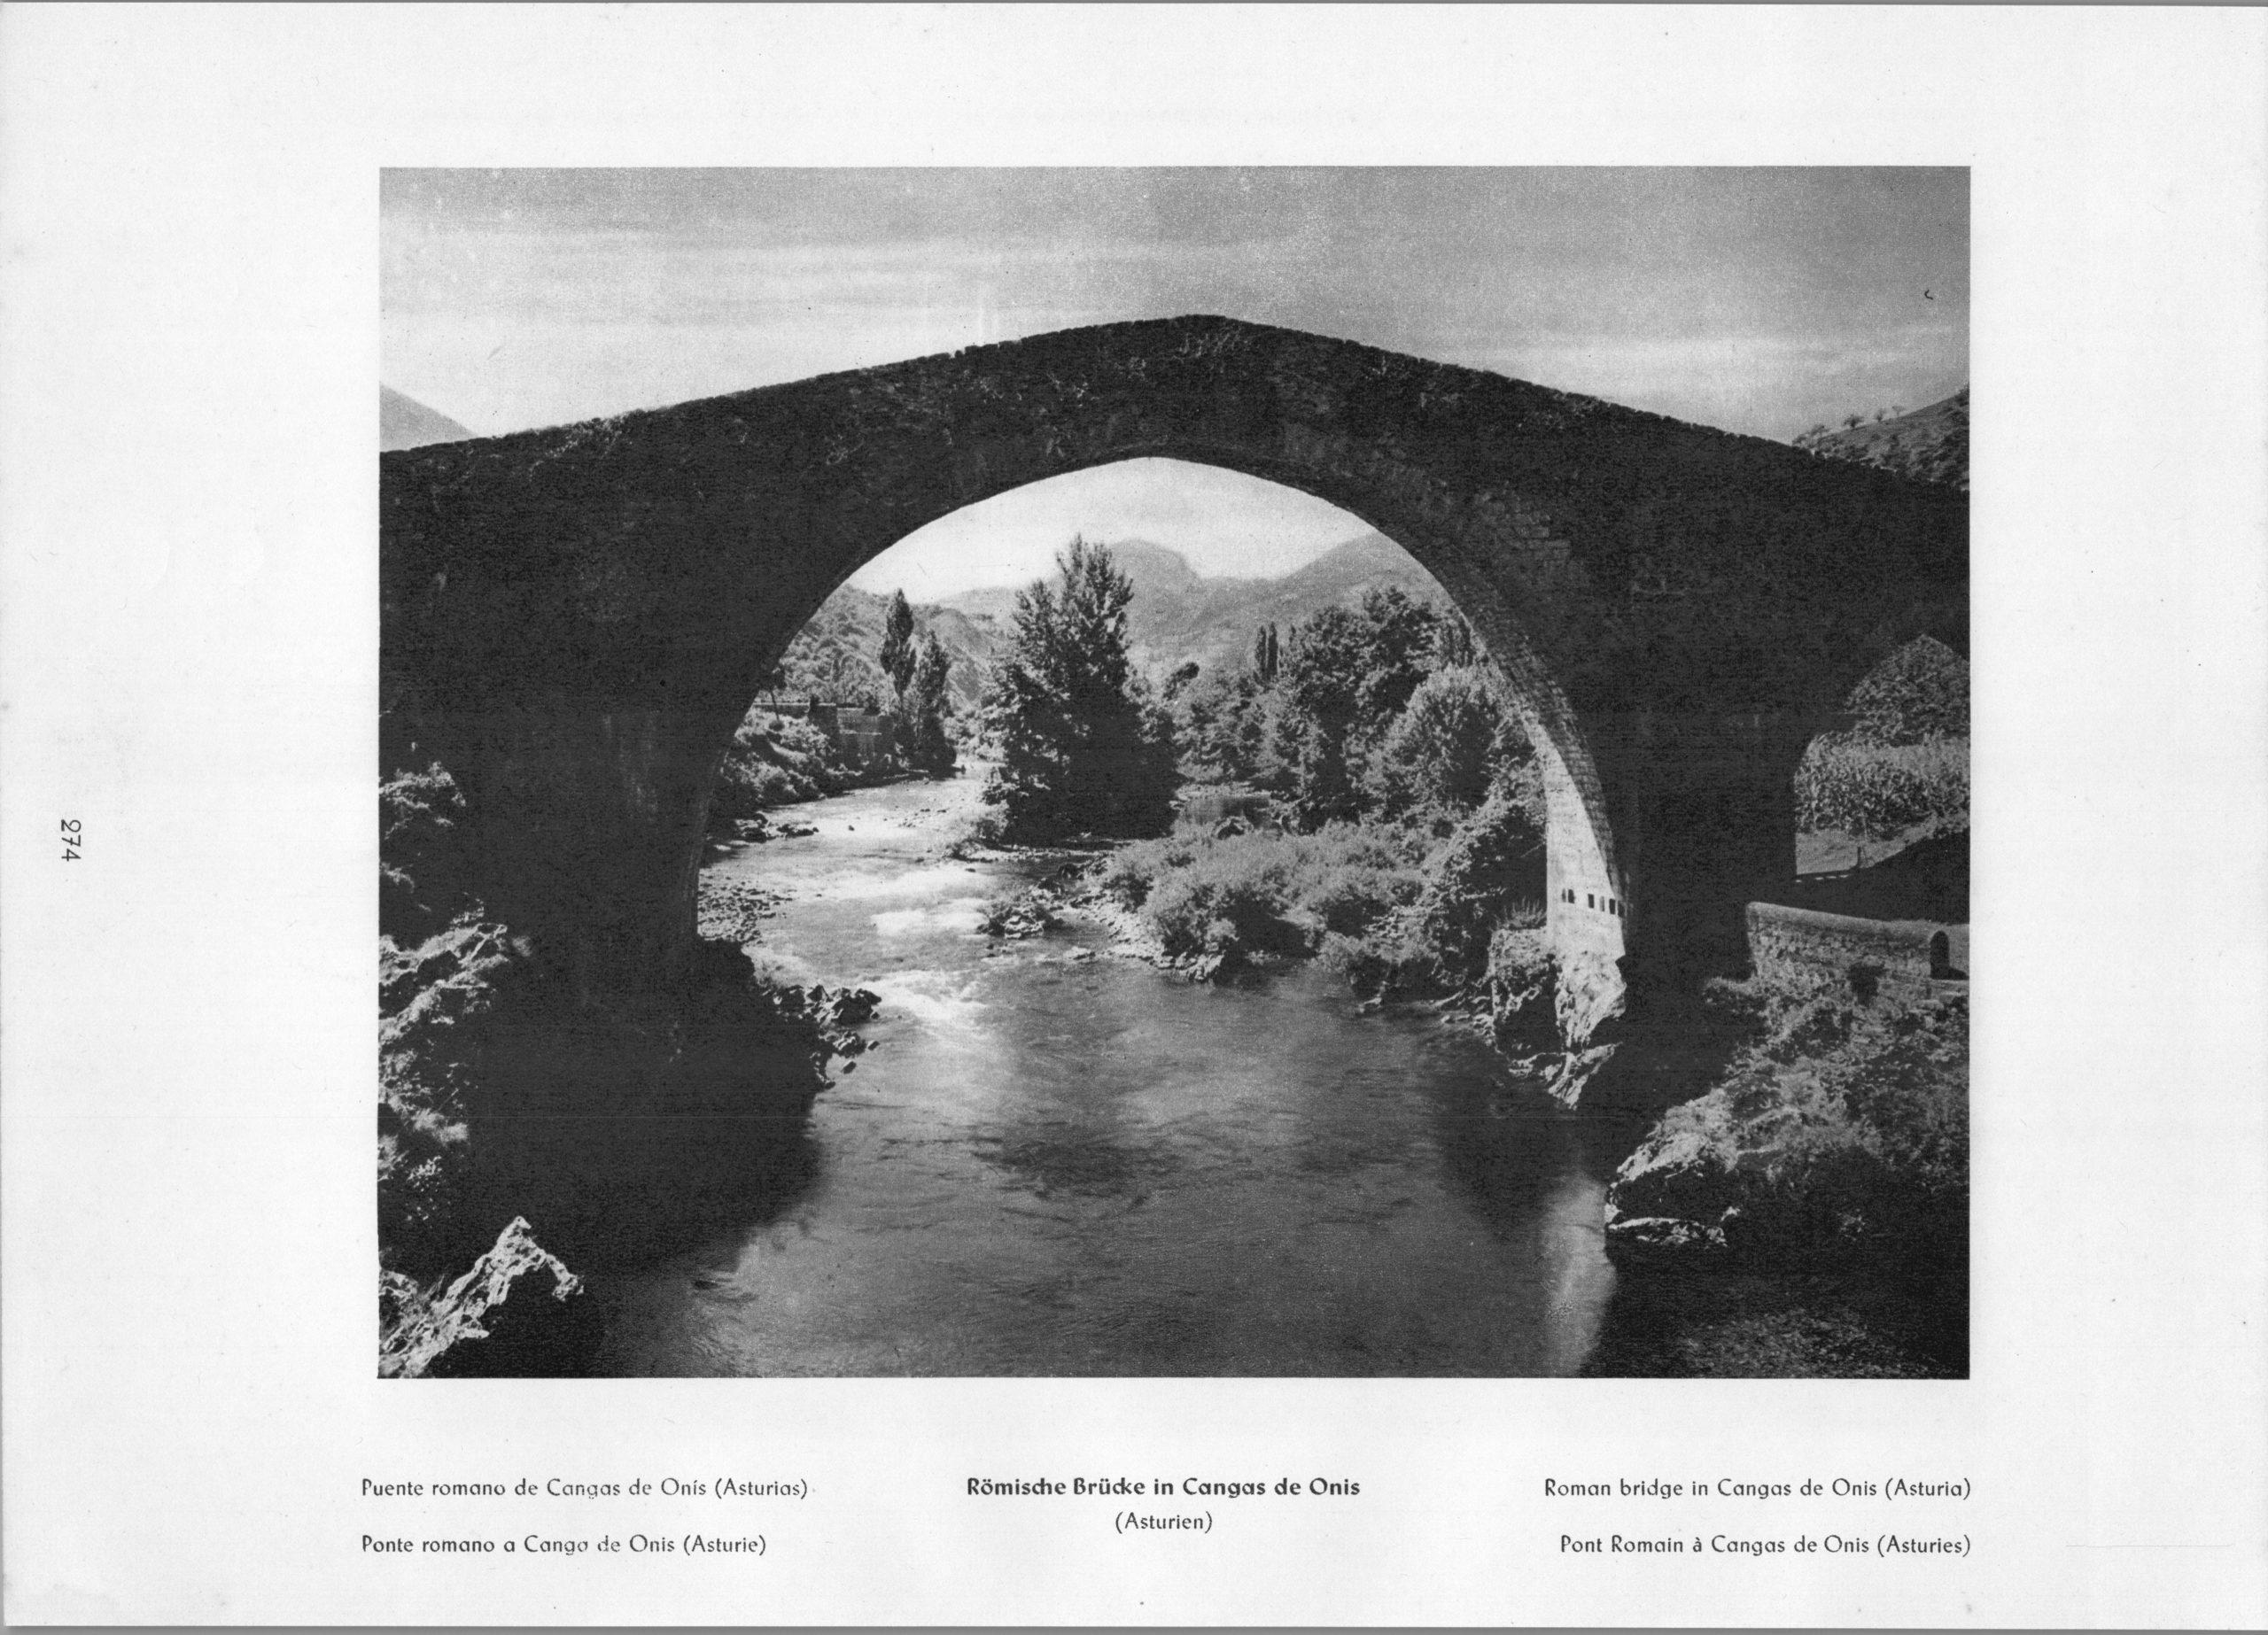 Asturias Cangas de Onis - Puente romano